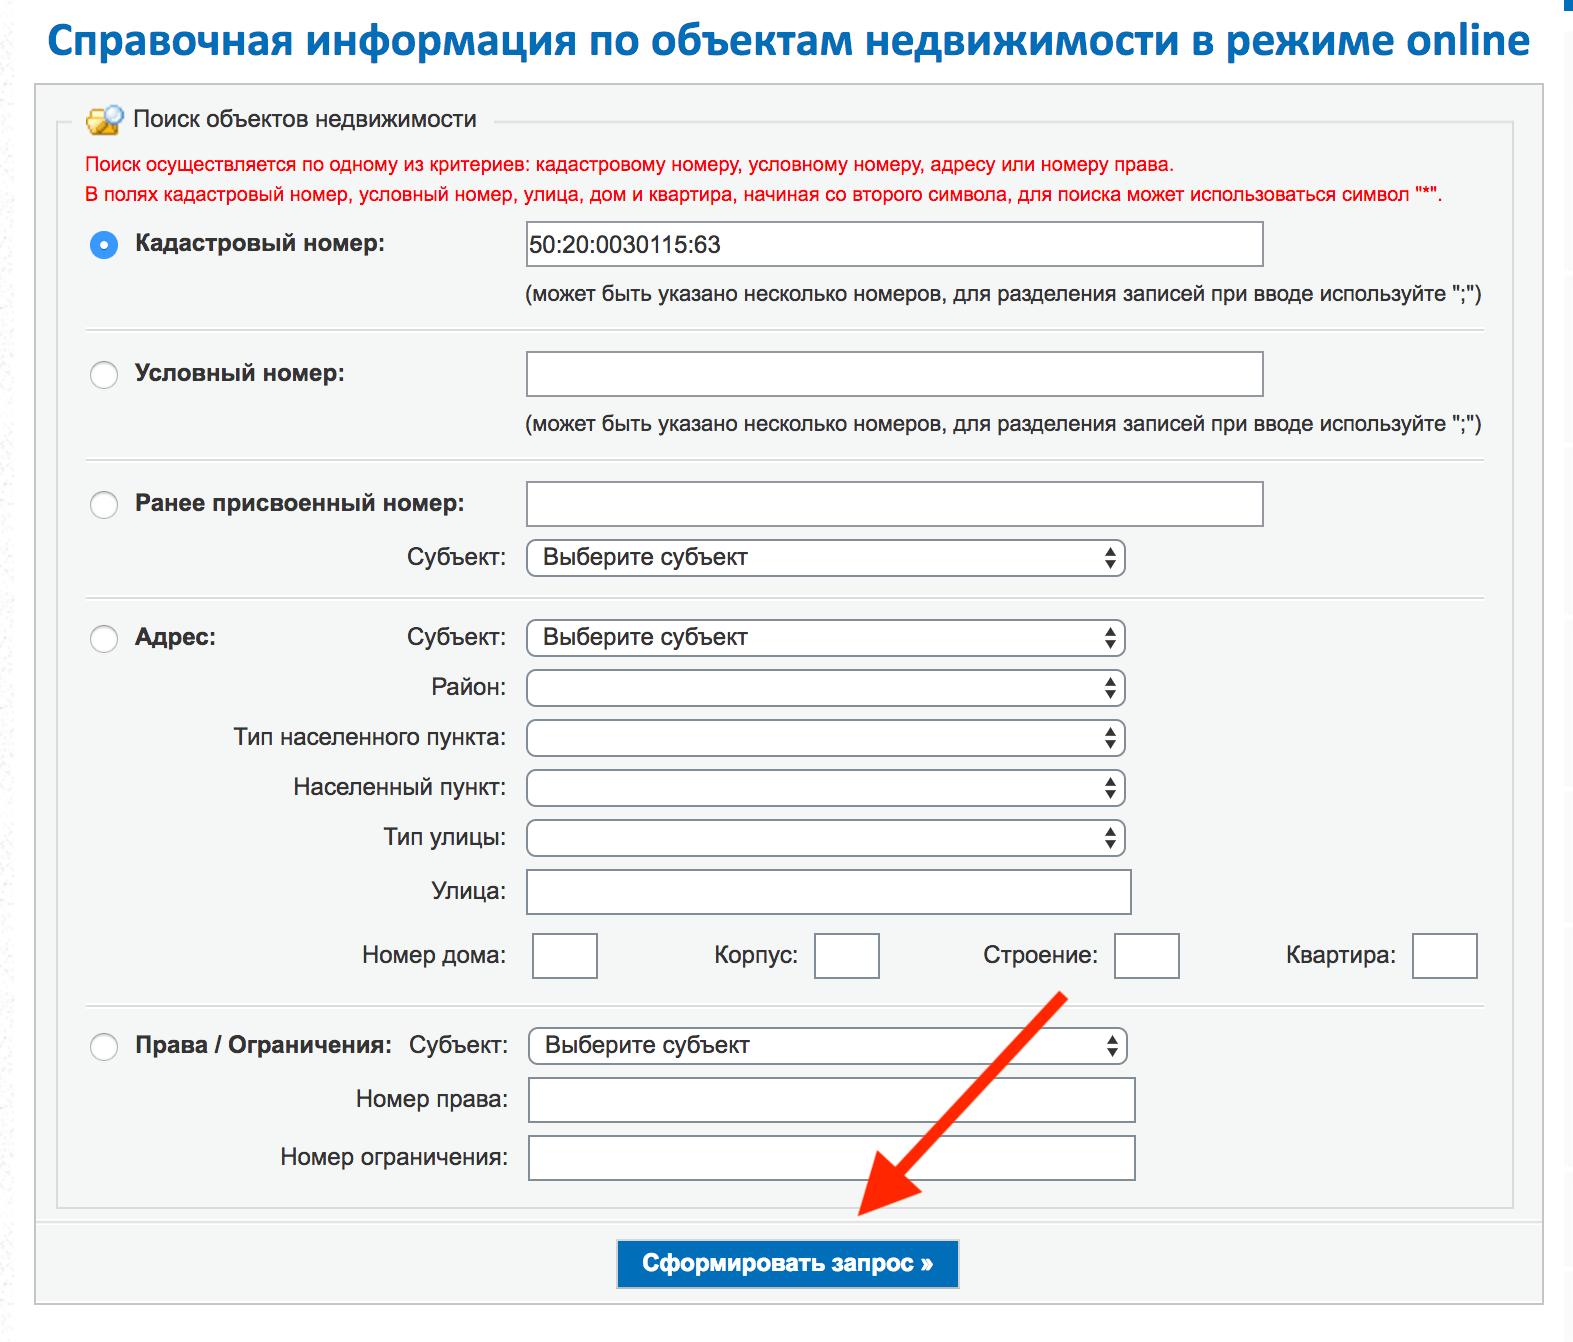 Формирование запроса по кадастровому номеру